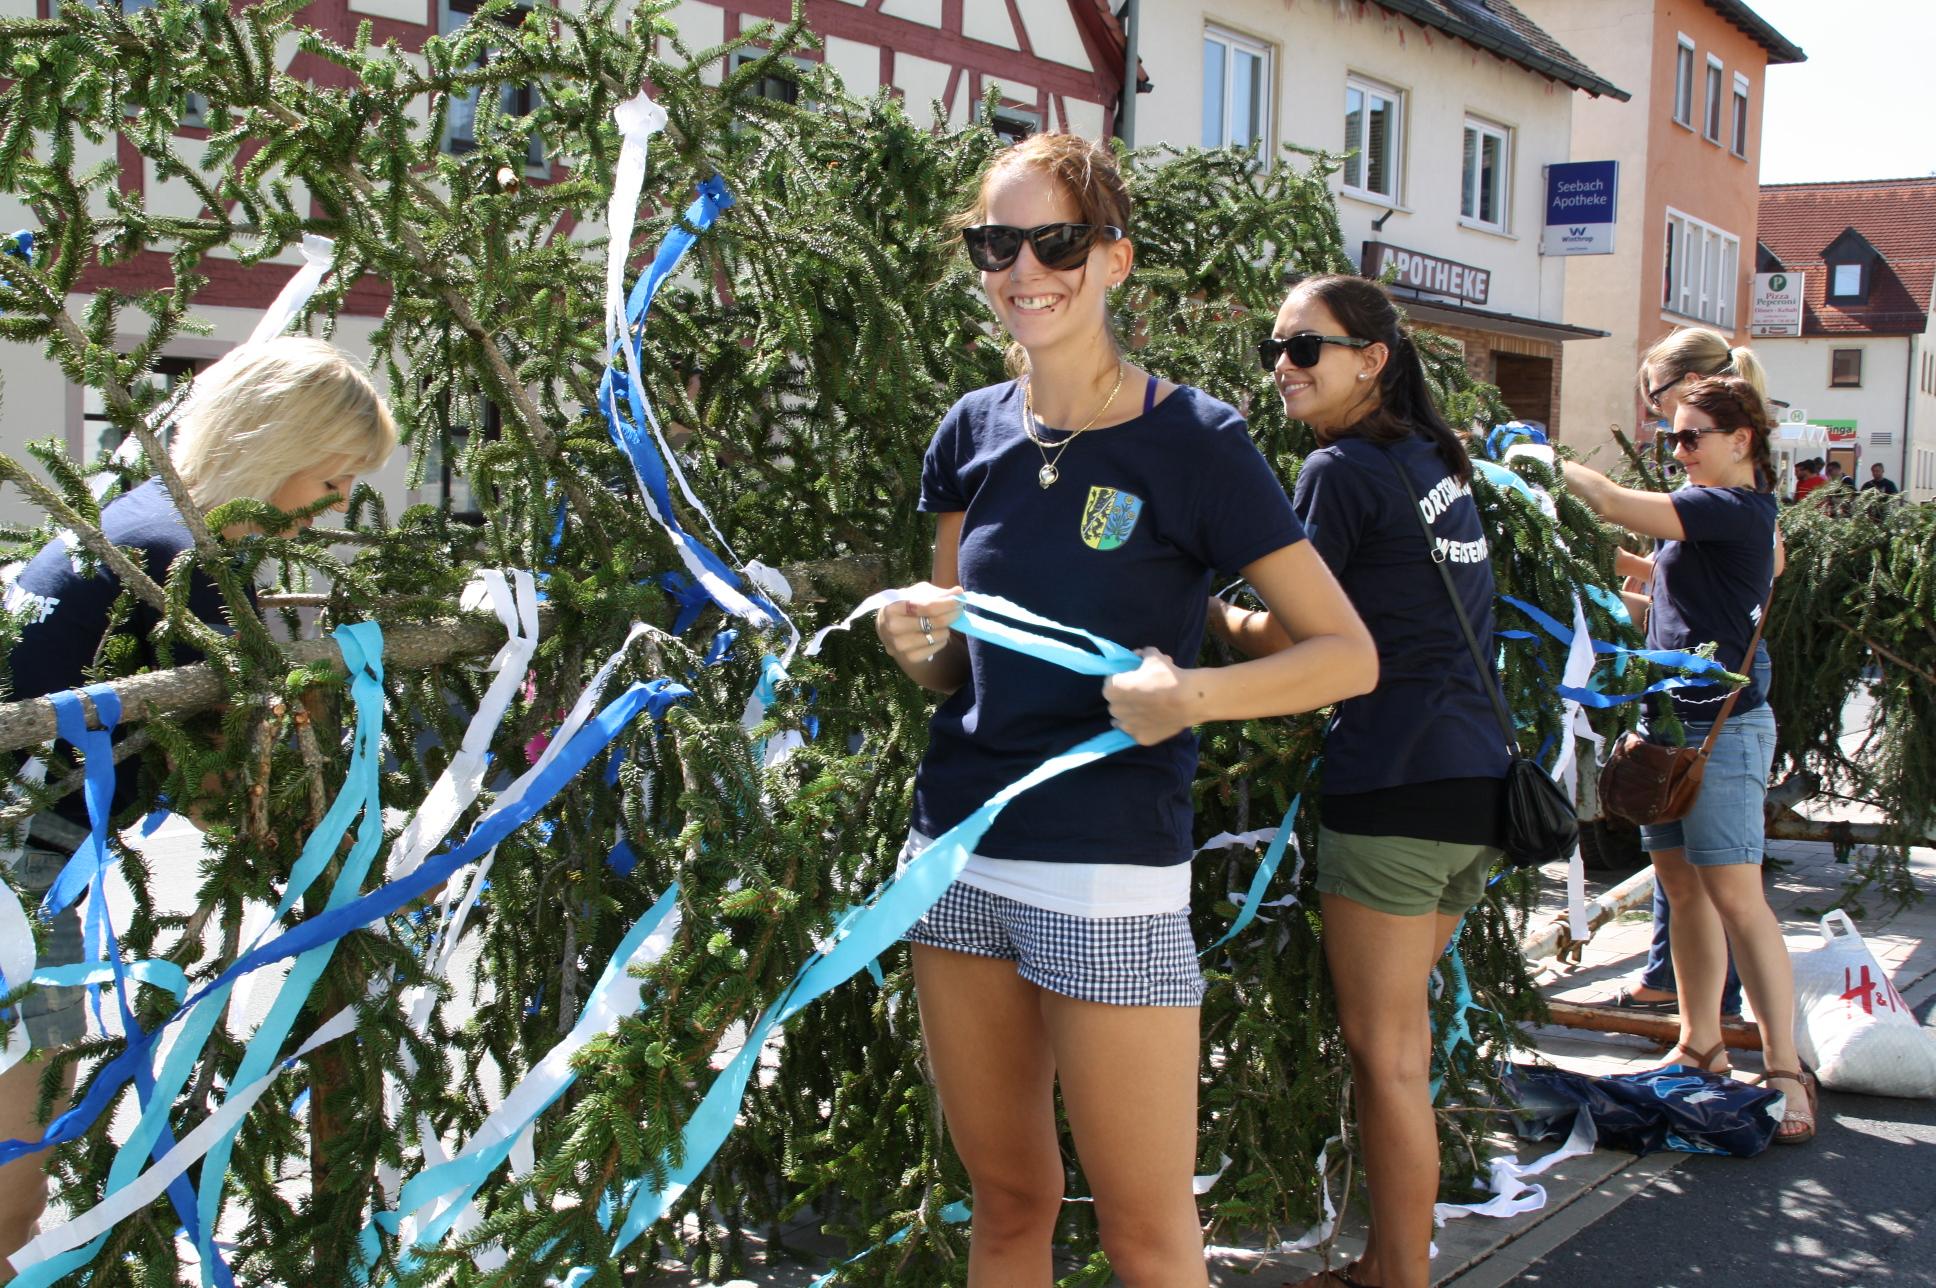 Die Krone des Baums auf dem Marktplatz zu schmücken ist Aufgabe der Ortsmadla.